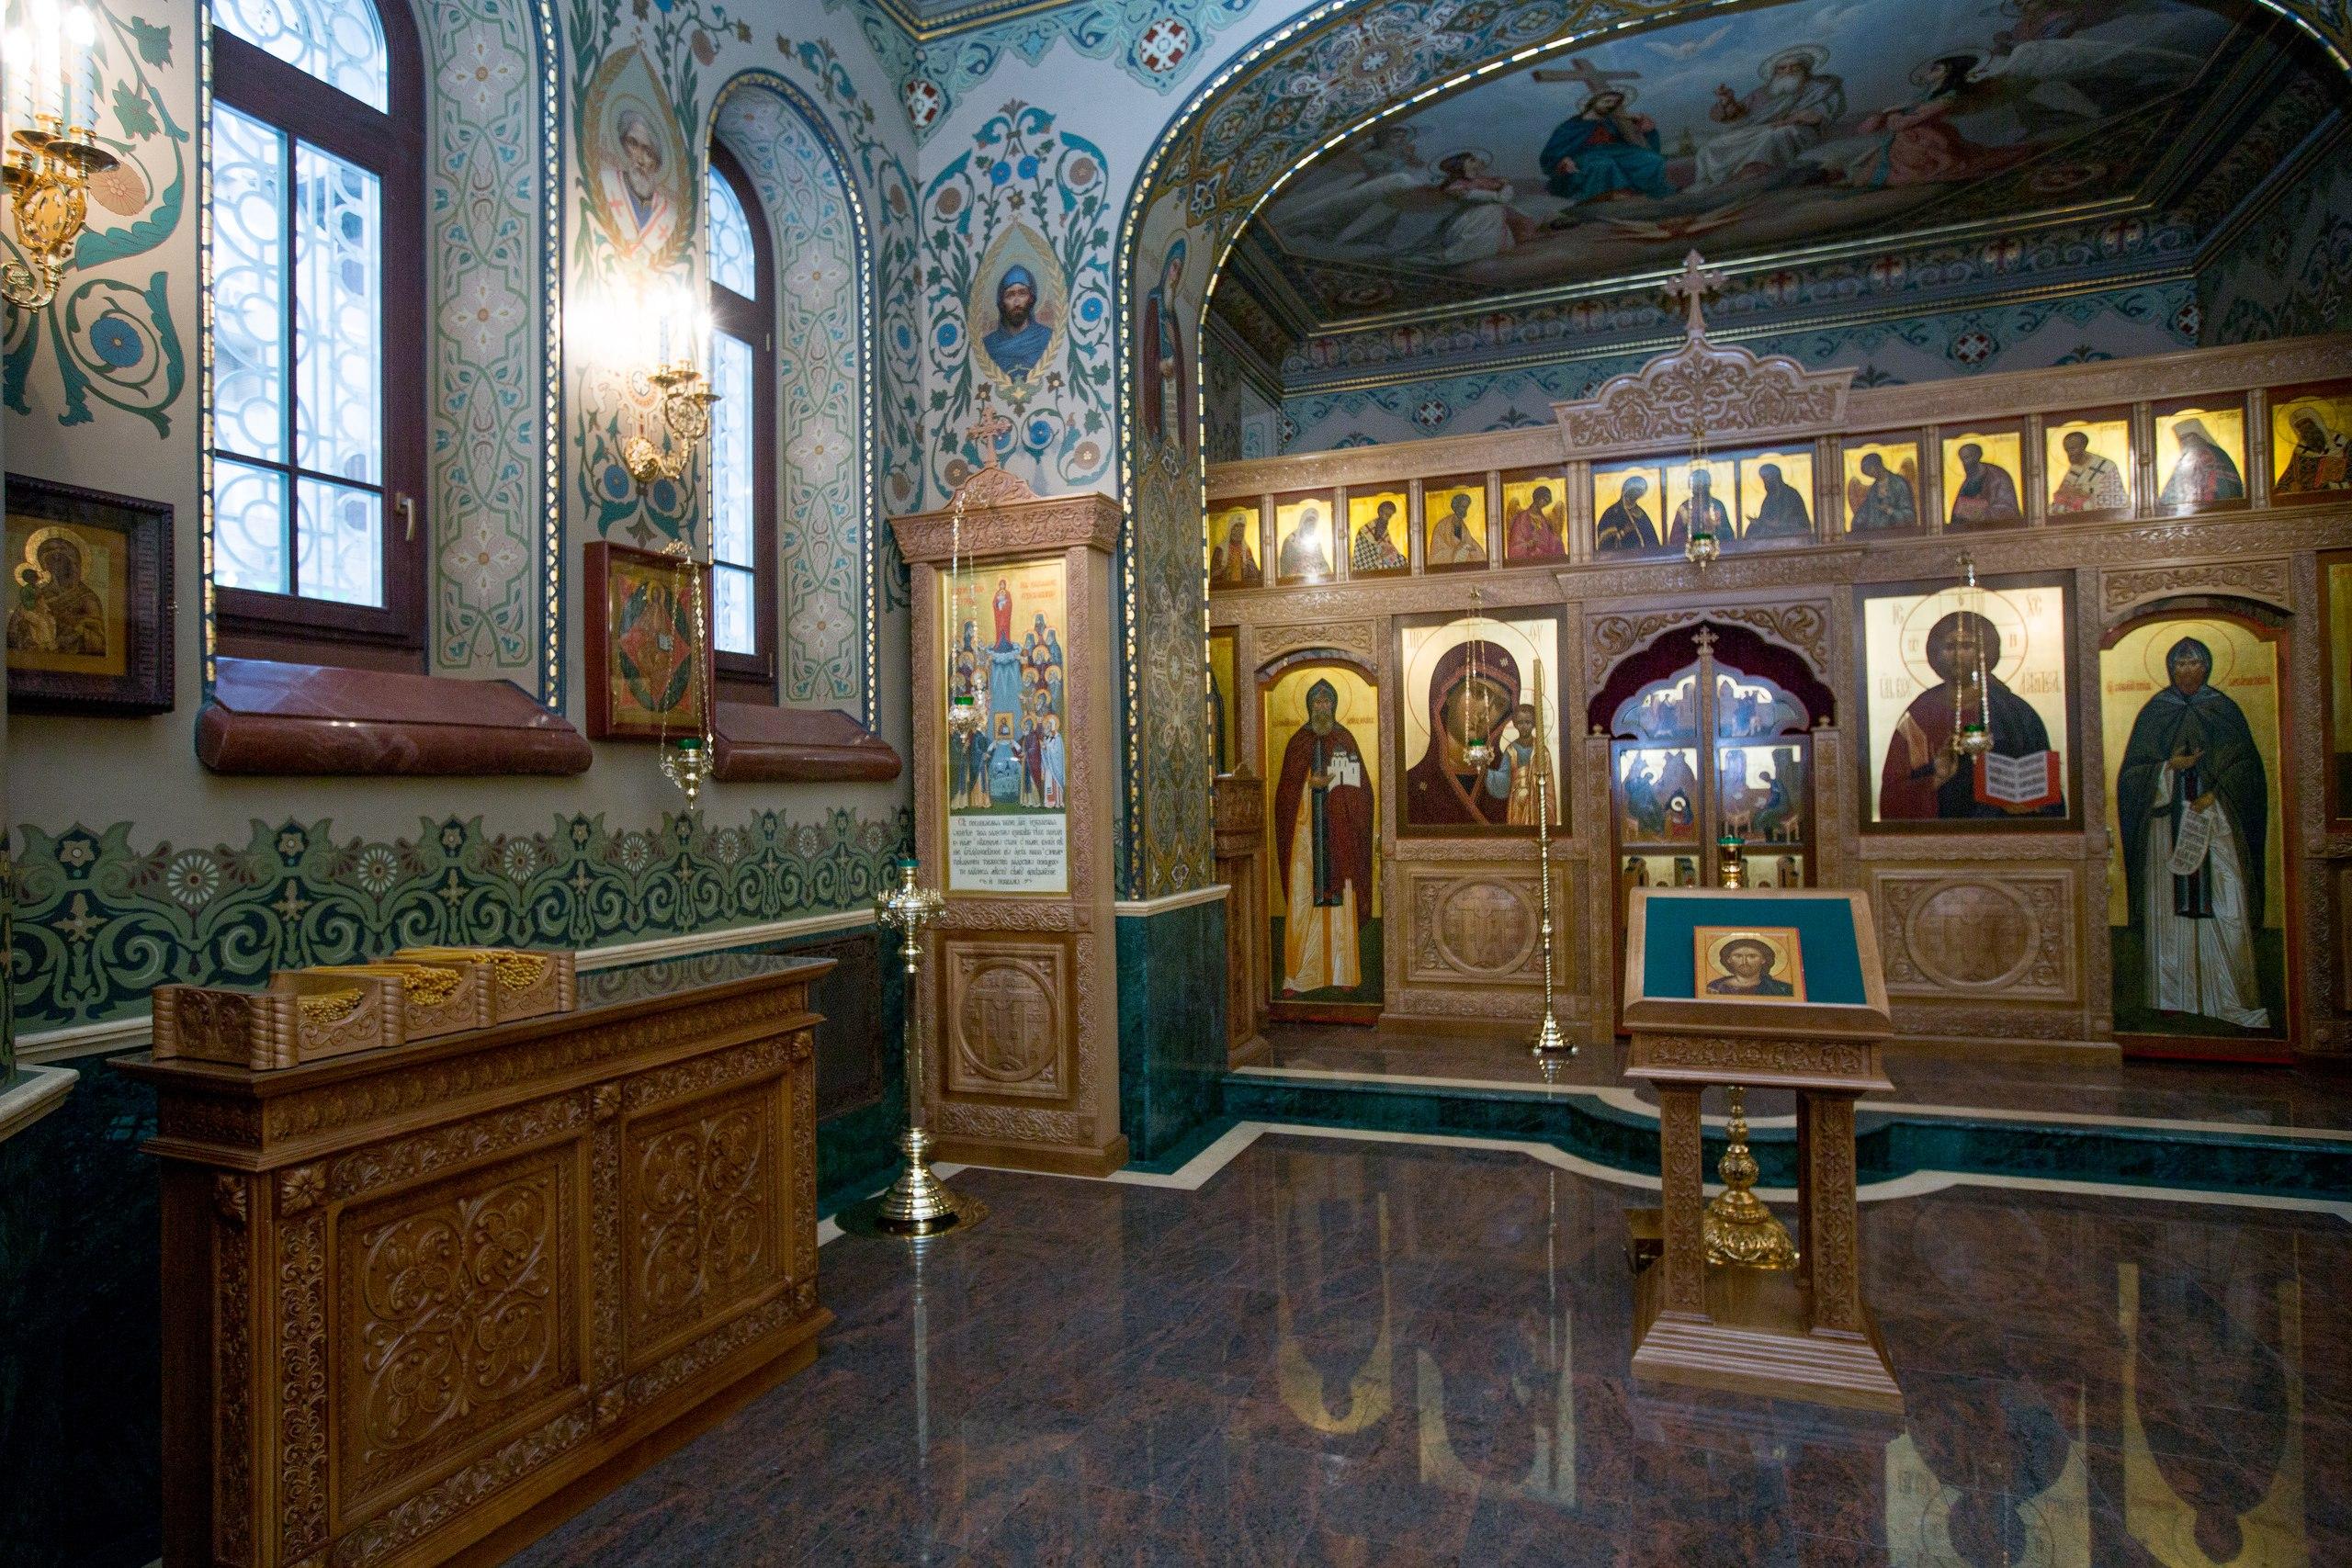 Свечная лавка, православные записки, изделия из дуба, церковная утварь, православие, христианство, убранство для храма, резьба, византийский орнамент, растительный орнамент, орнамент, 3d